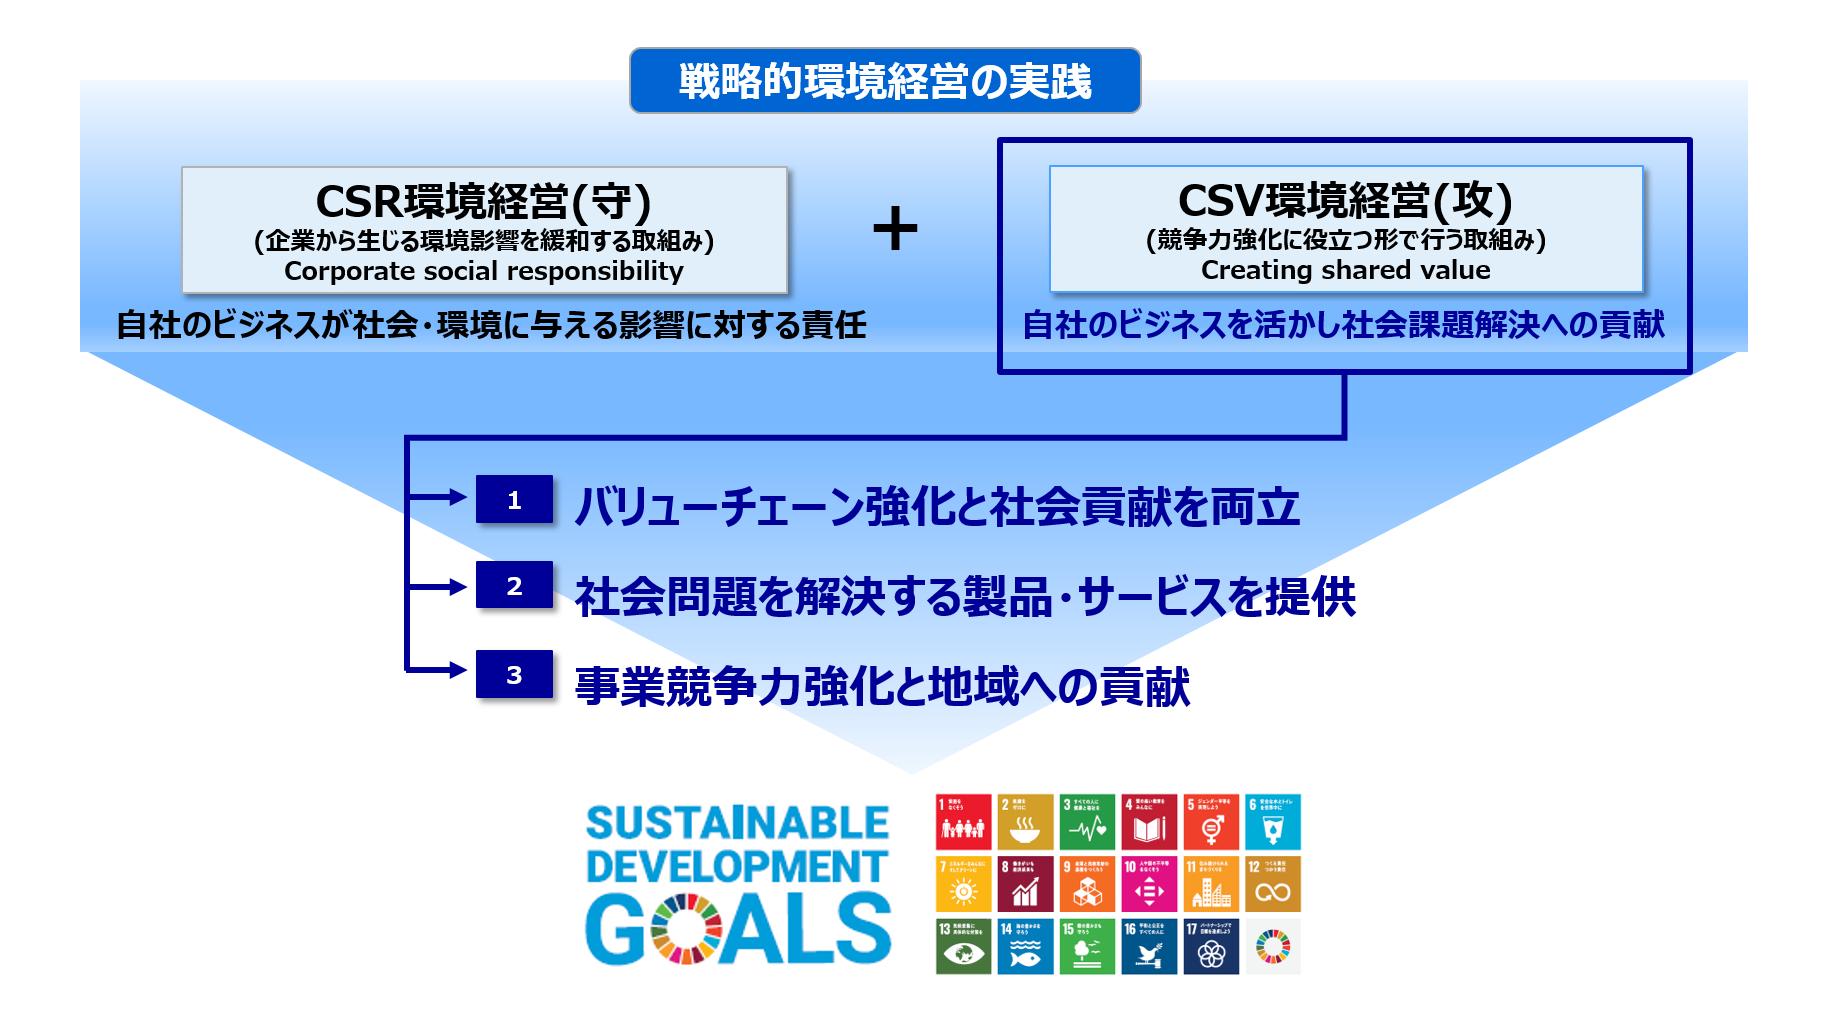 CSVの考えに即した環境活動が求められている